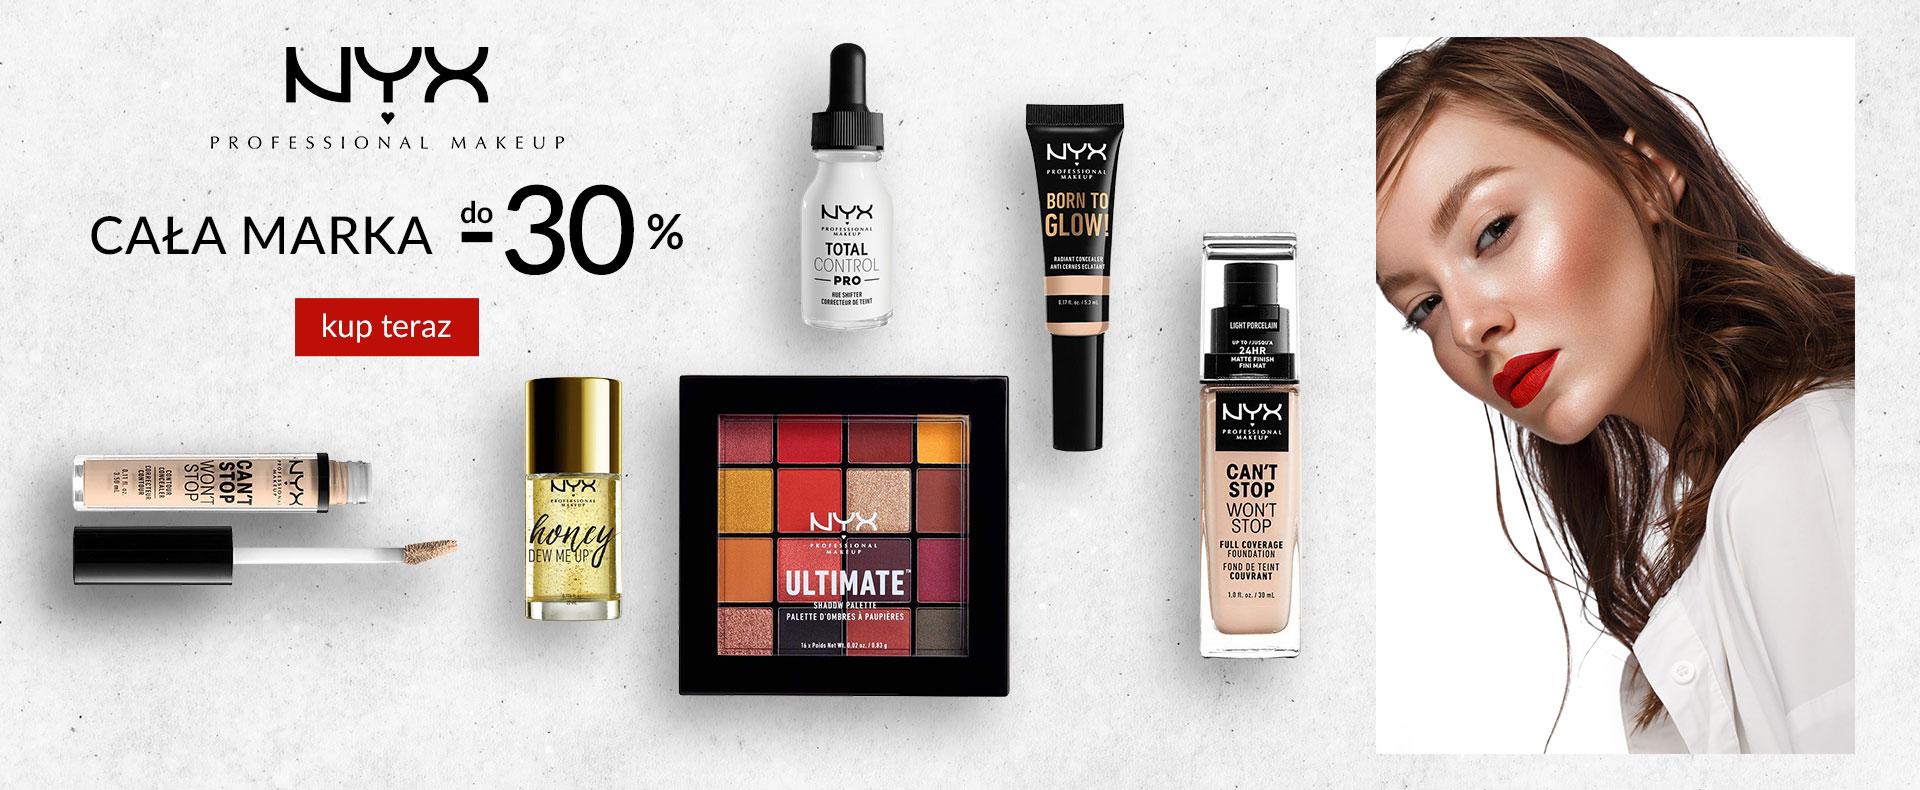 Ezebra: do 30% zniżki na kosmetyki marki NYX